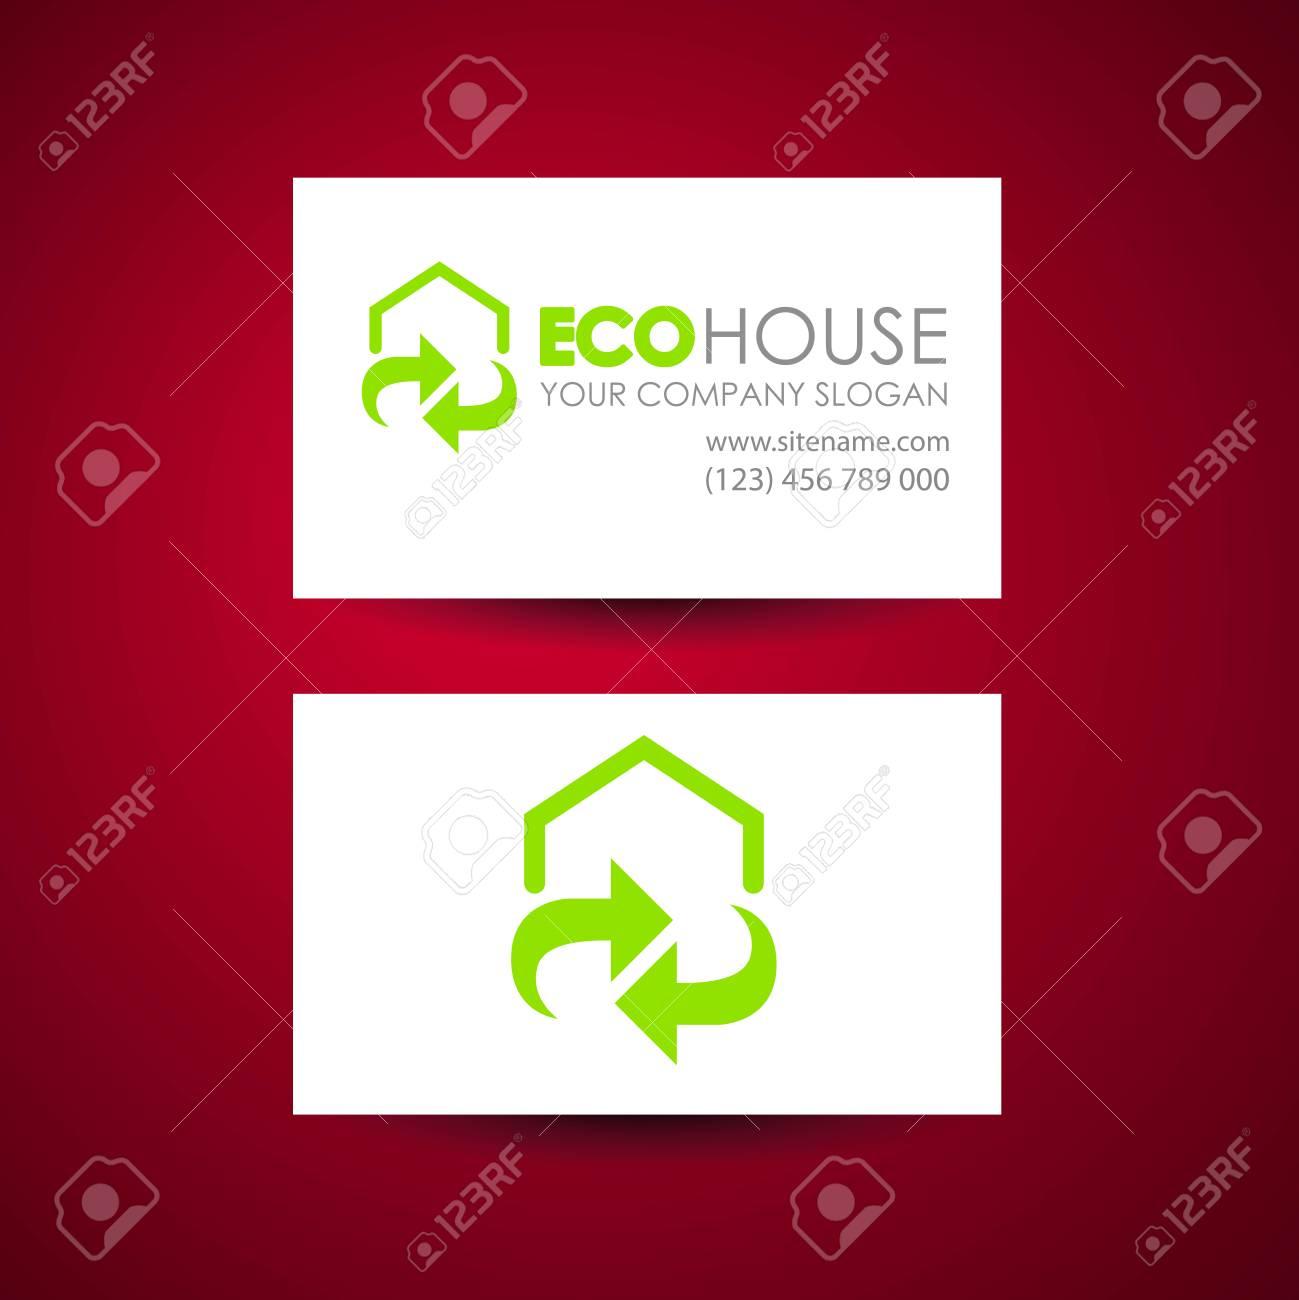 Eco Maison Et Immobilier Logo Modele Carte De Visite Idee